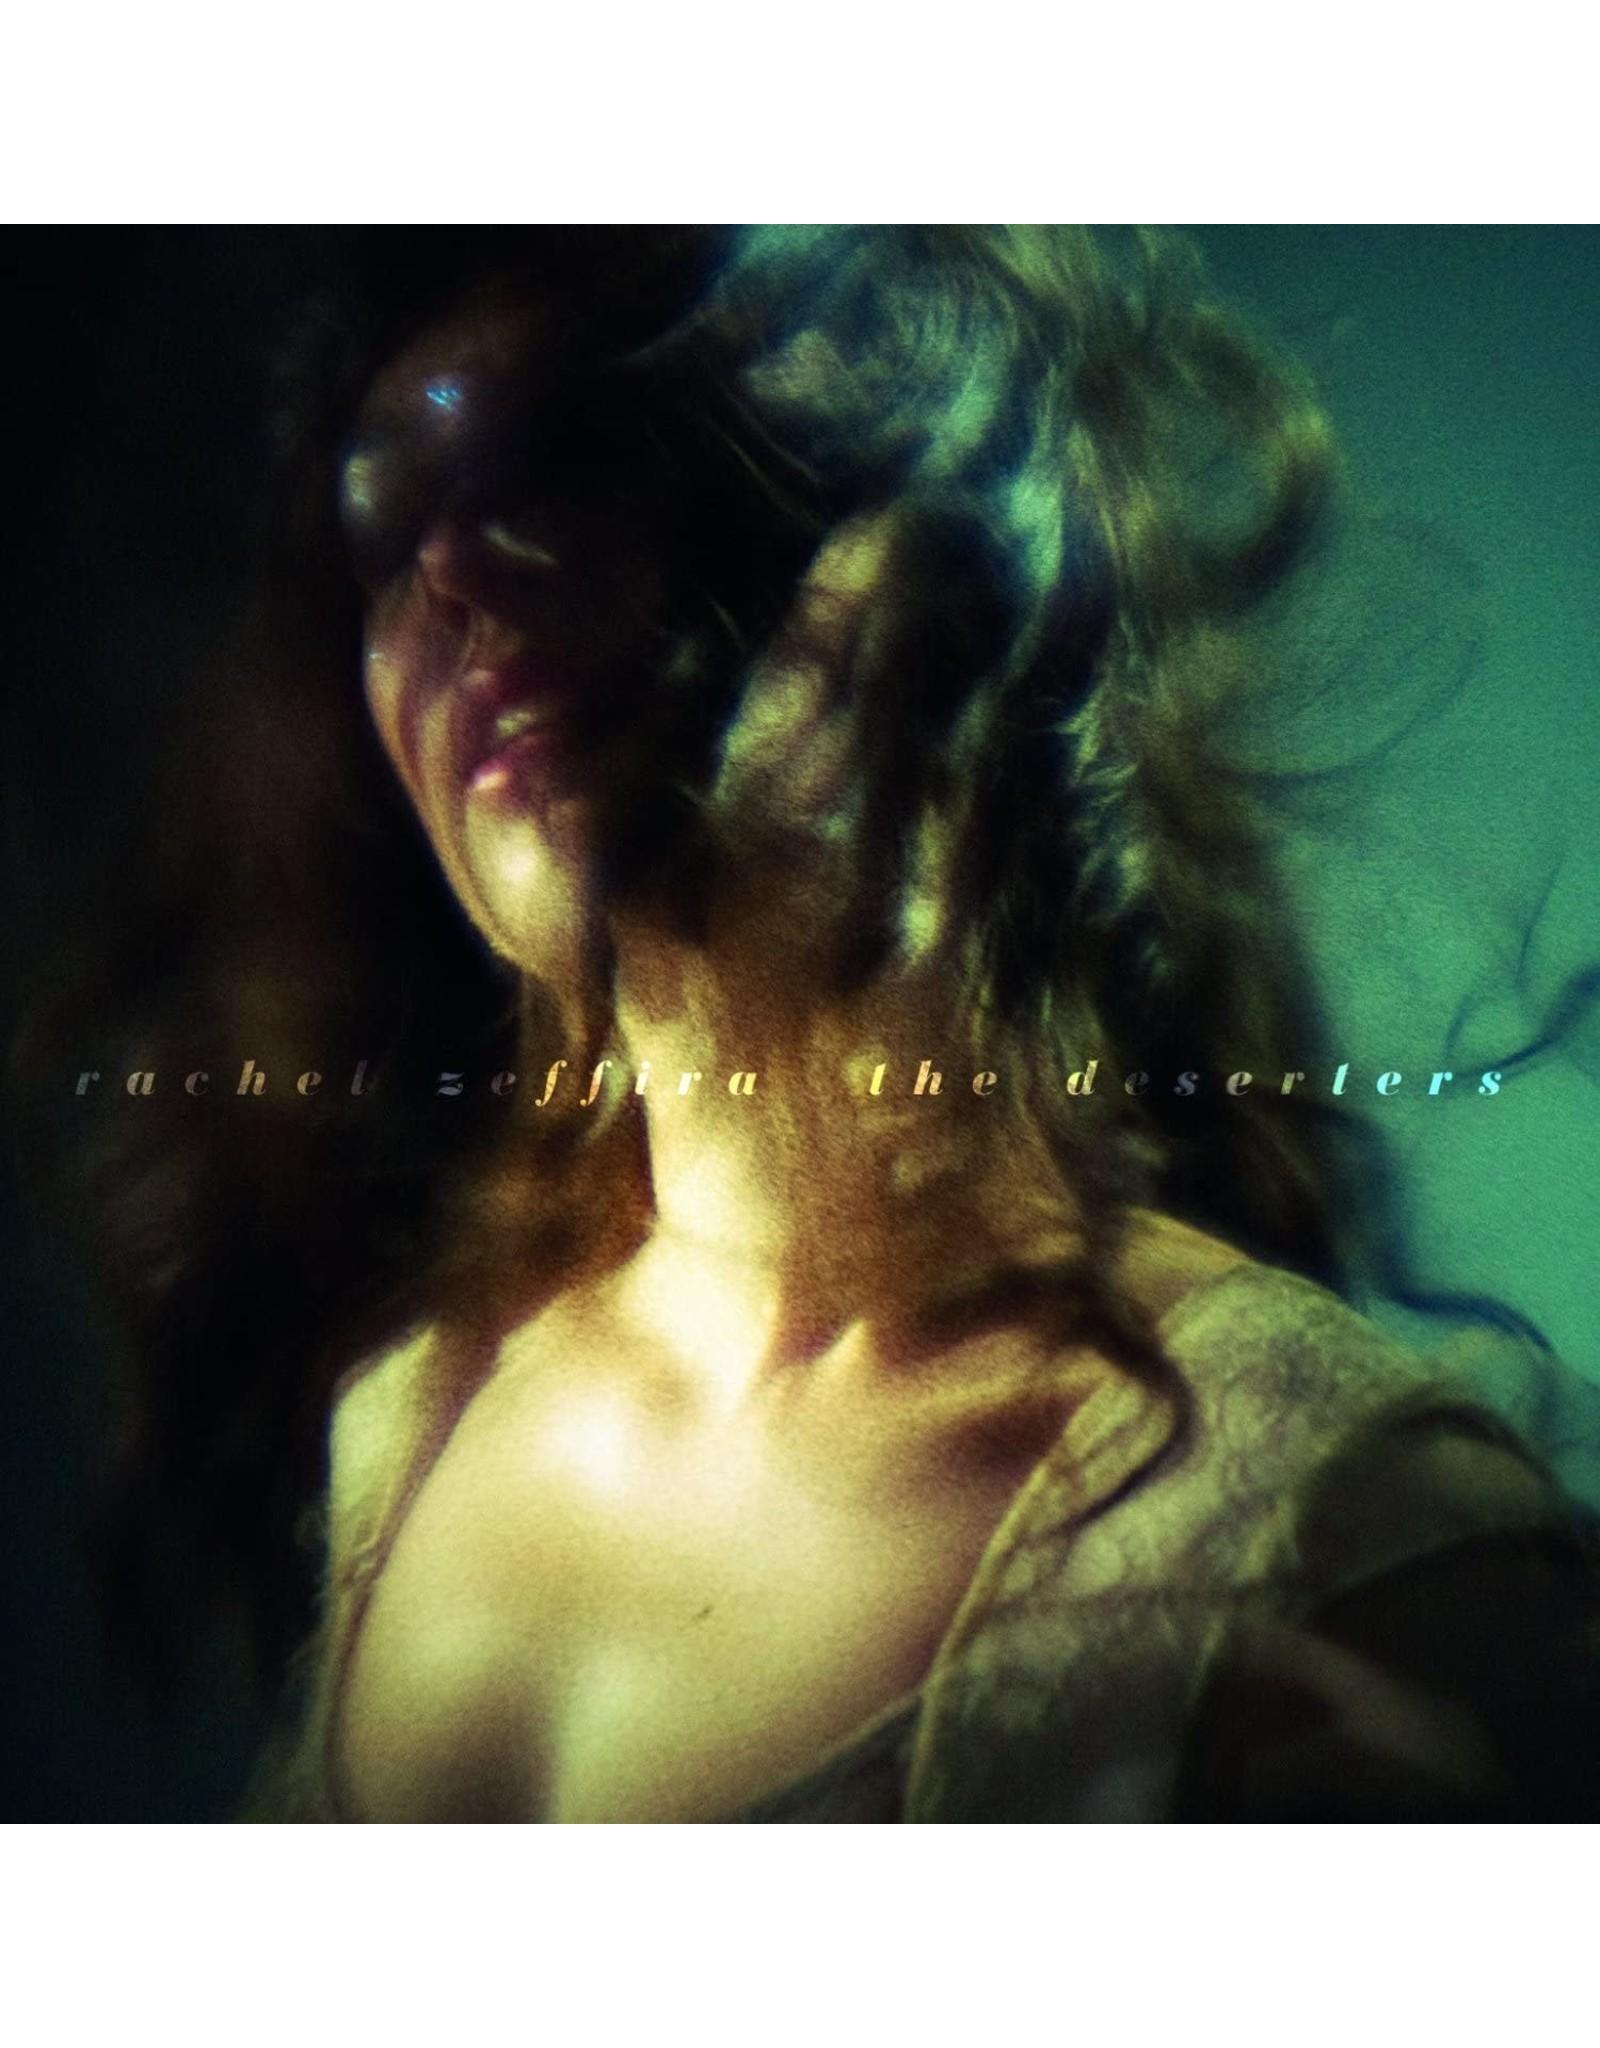 Zeffira, Rachel - The Deserters CD